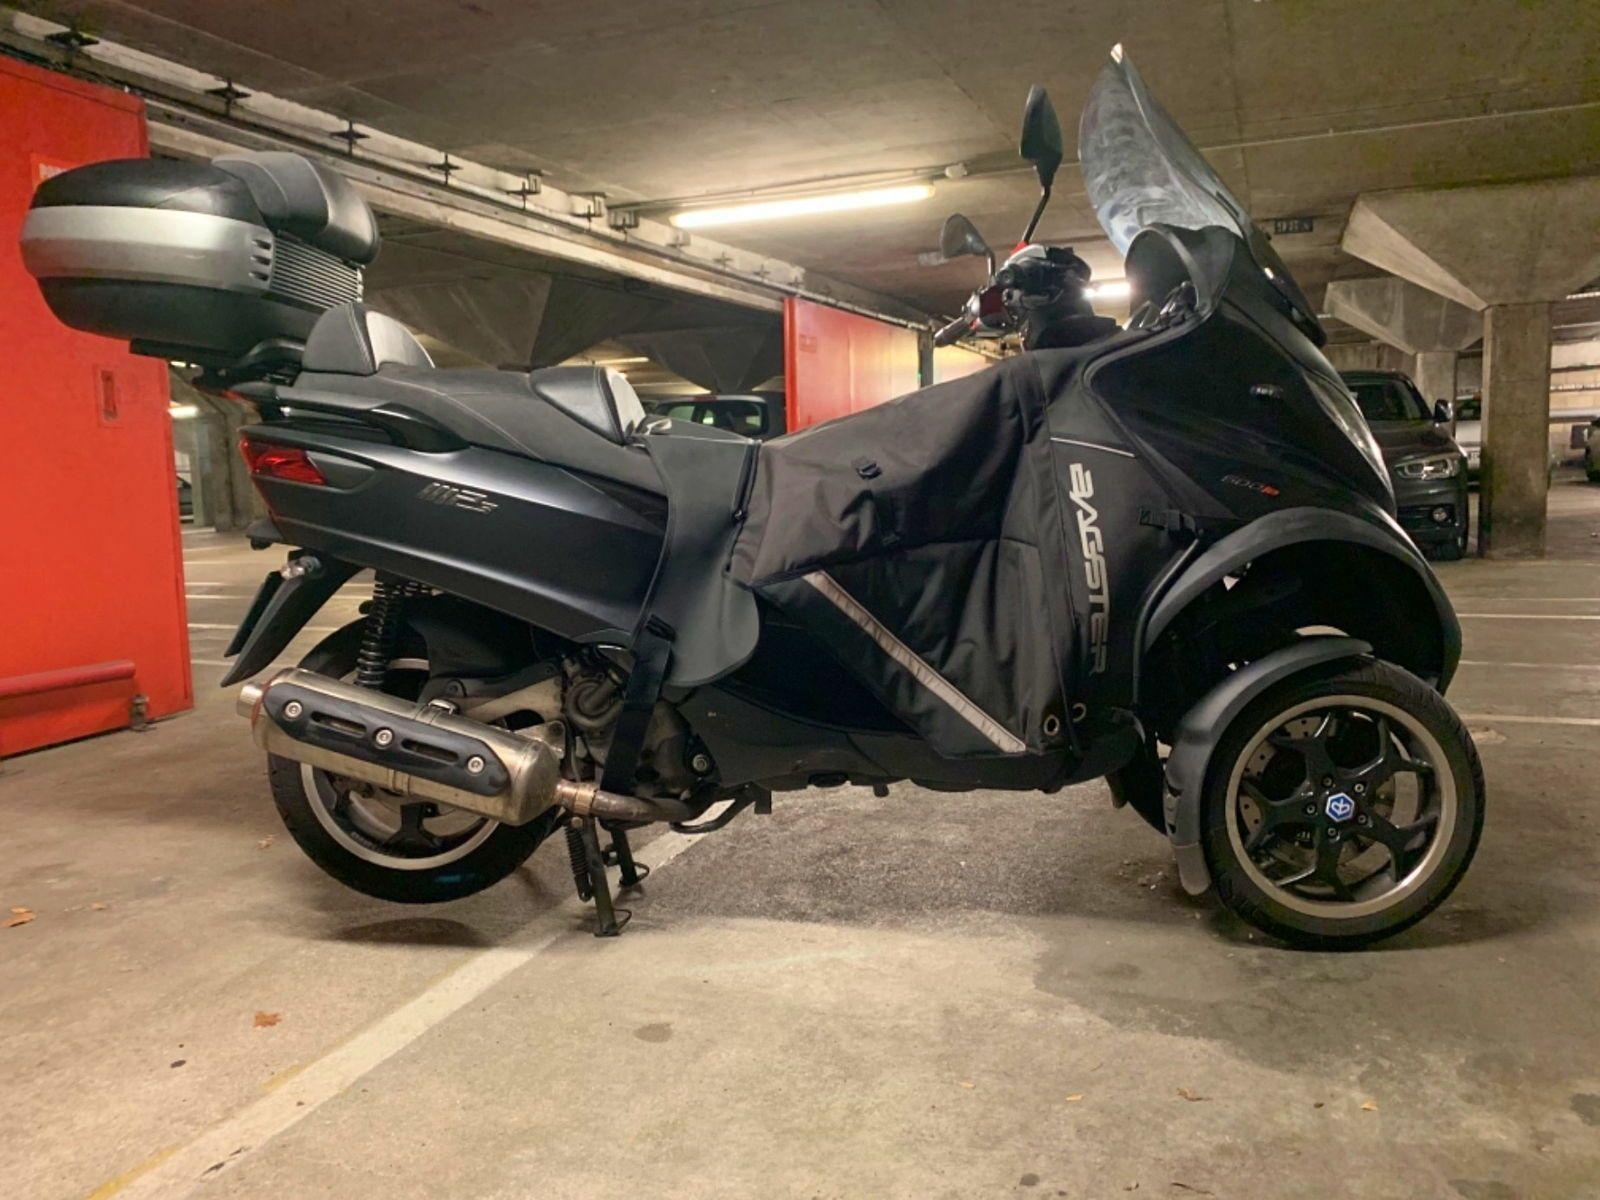 Vends PIAGGIO MP3500ie LT Sport ABS - parfait état 27500km 2014